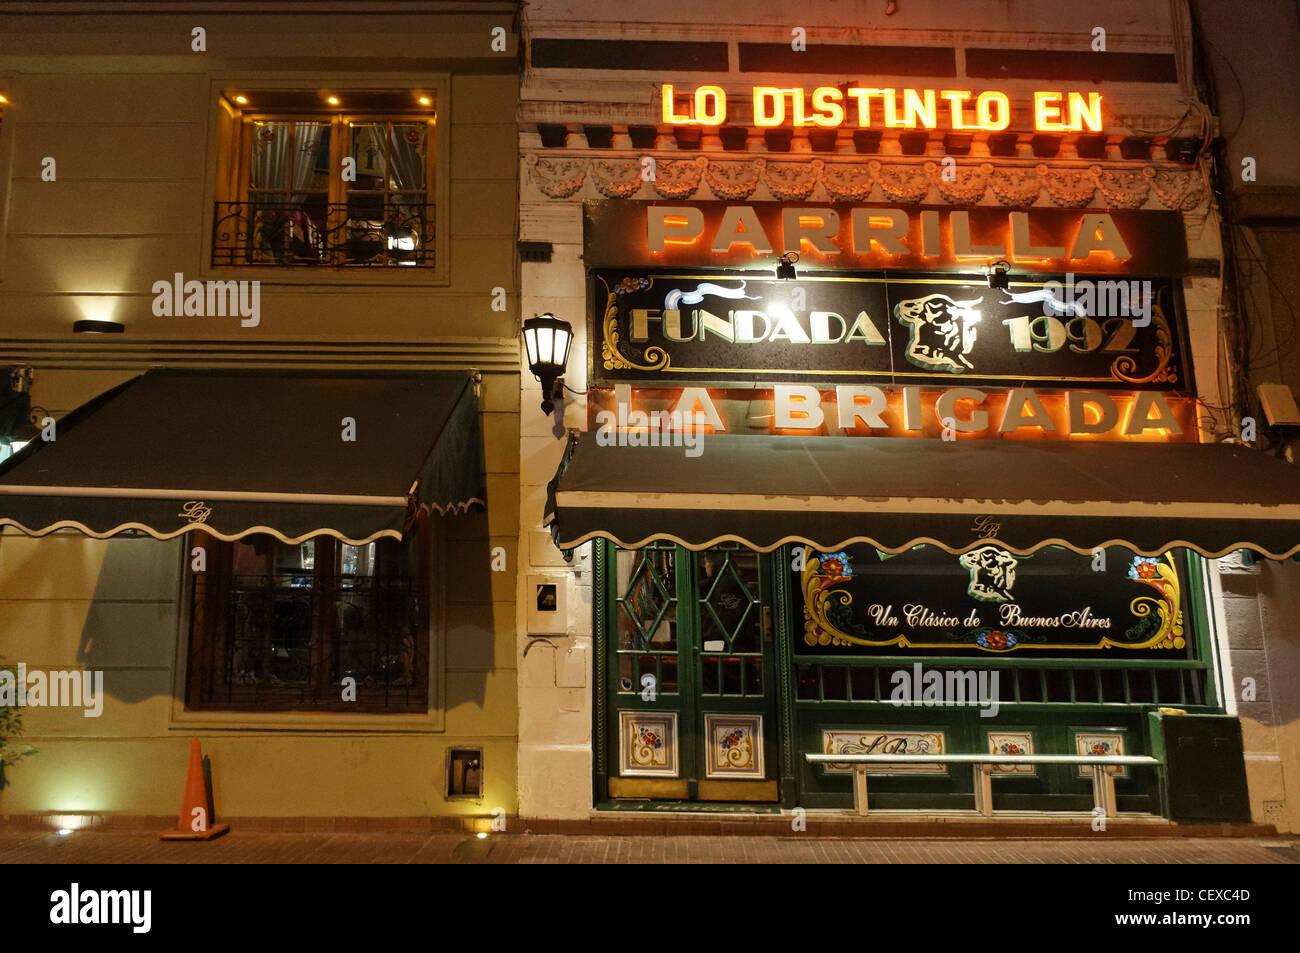 La Brigada, Parilla Steak House, San Telmo, Buenos Aires, Argentina - Stock Image